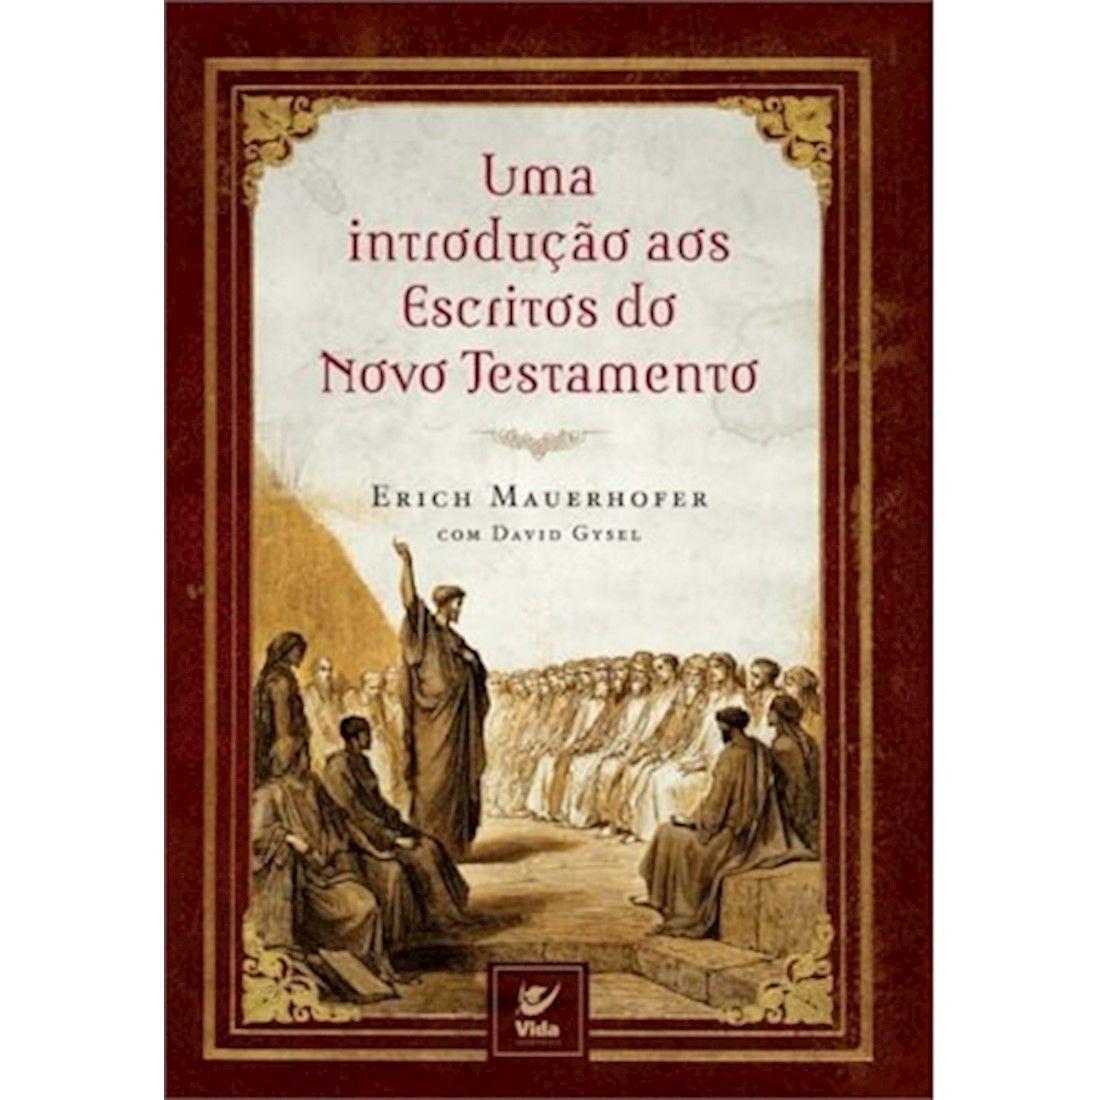 Livro Uma Introdução aos Escritos do Novo Testamento